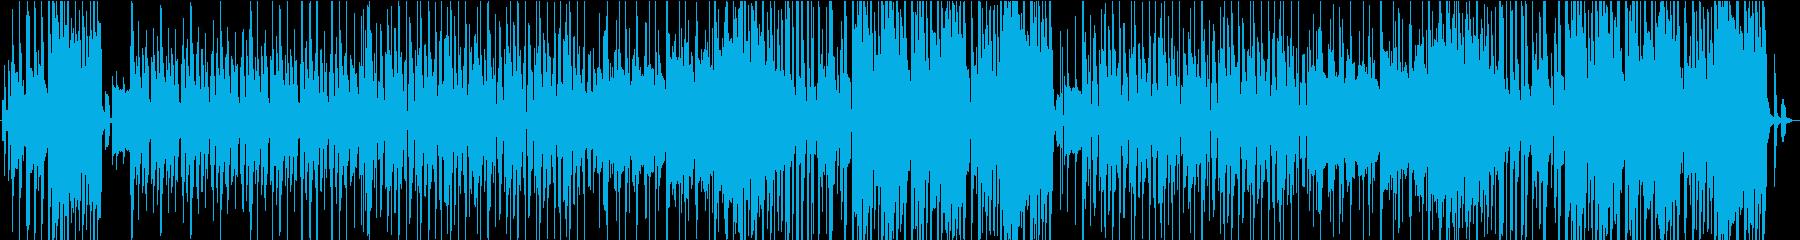 ころころとした可愛らしい雰囲気の楽曲の再生済みの波形